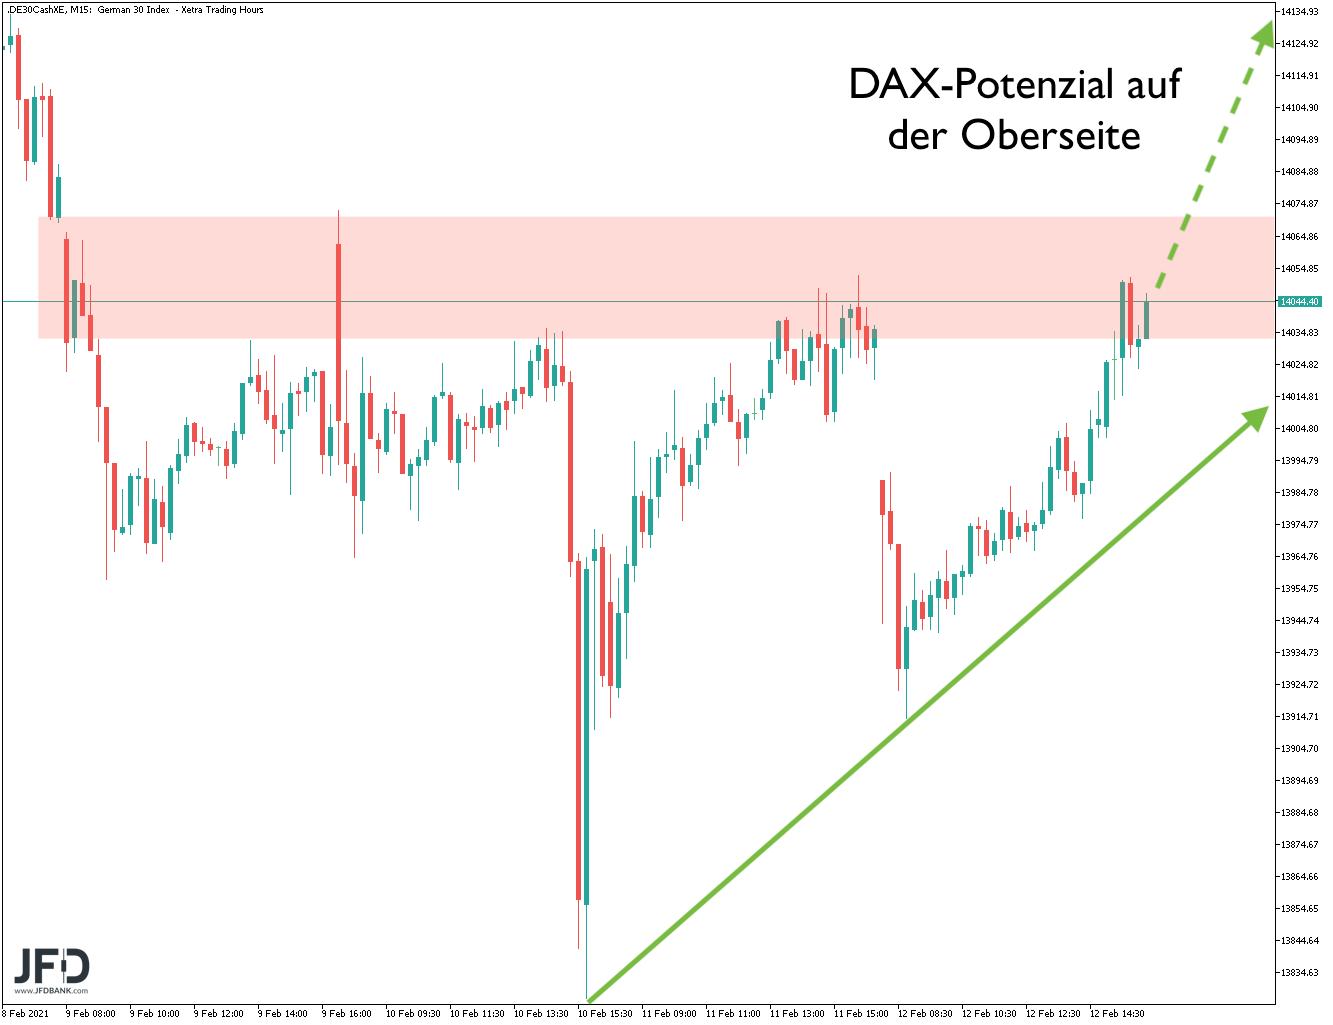 Weiteres DAX-Potenzial Mitte Februar